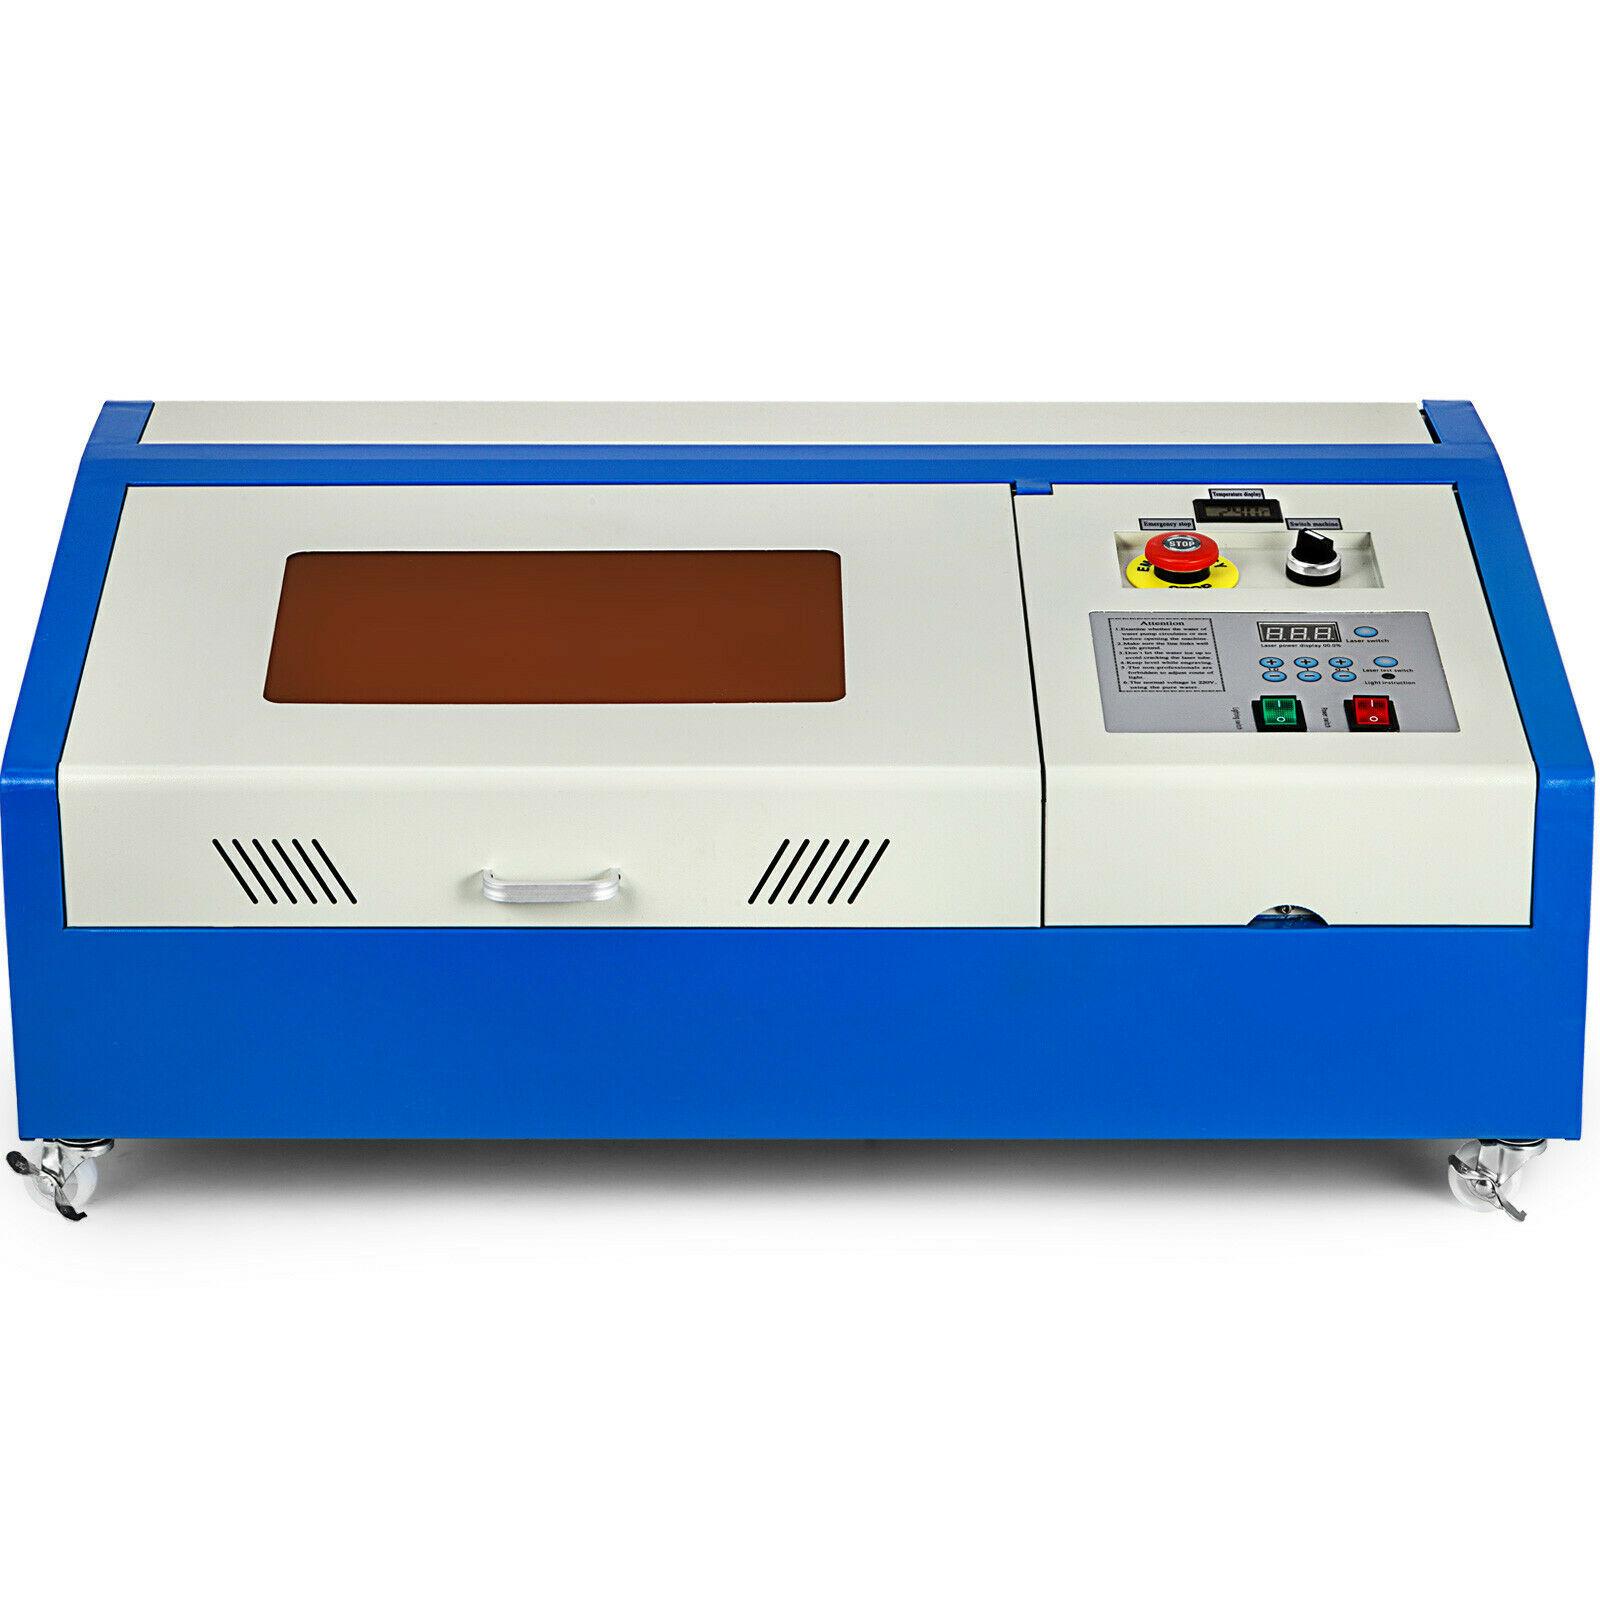 EU Lager 40W CO2 Laser Maschine Schneiden Maschine Laser Gravur Maschine